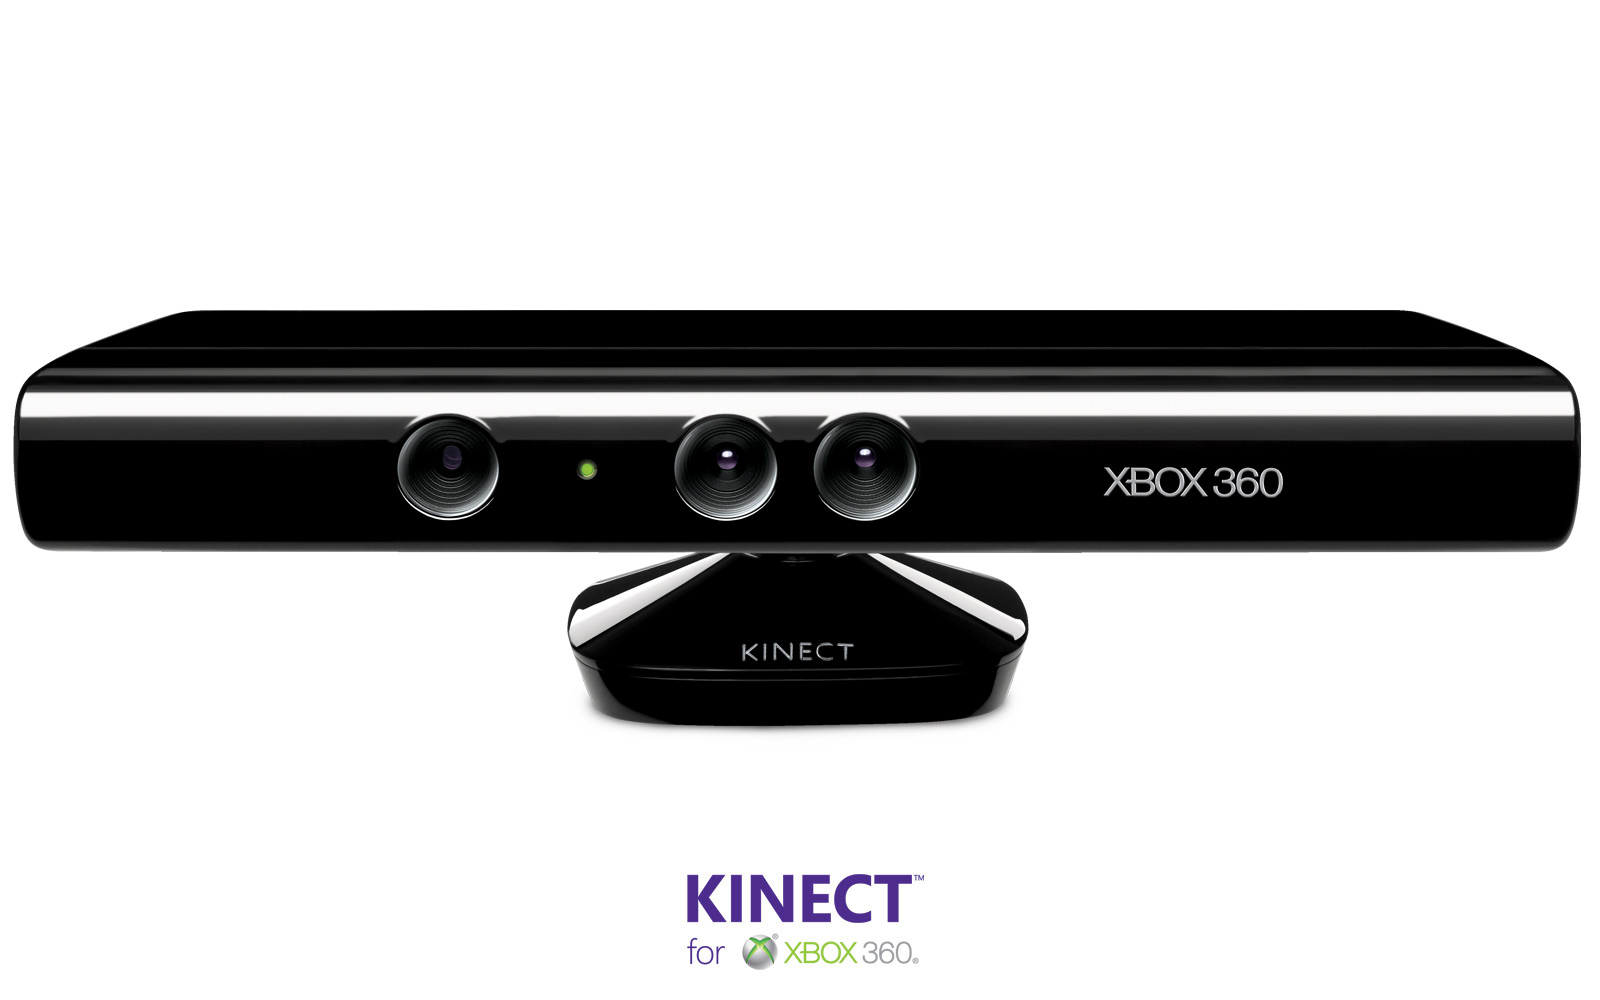 Avatar Kinect, la nueva forma de utilizar la detección de movimiento para socializar